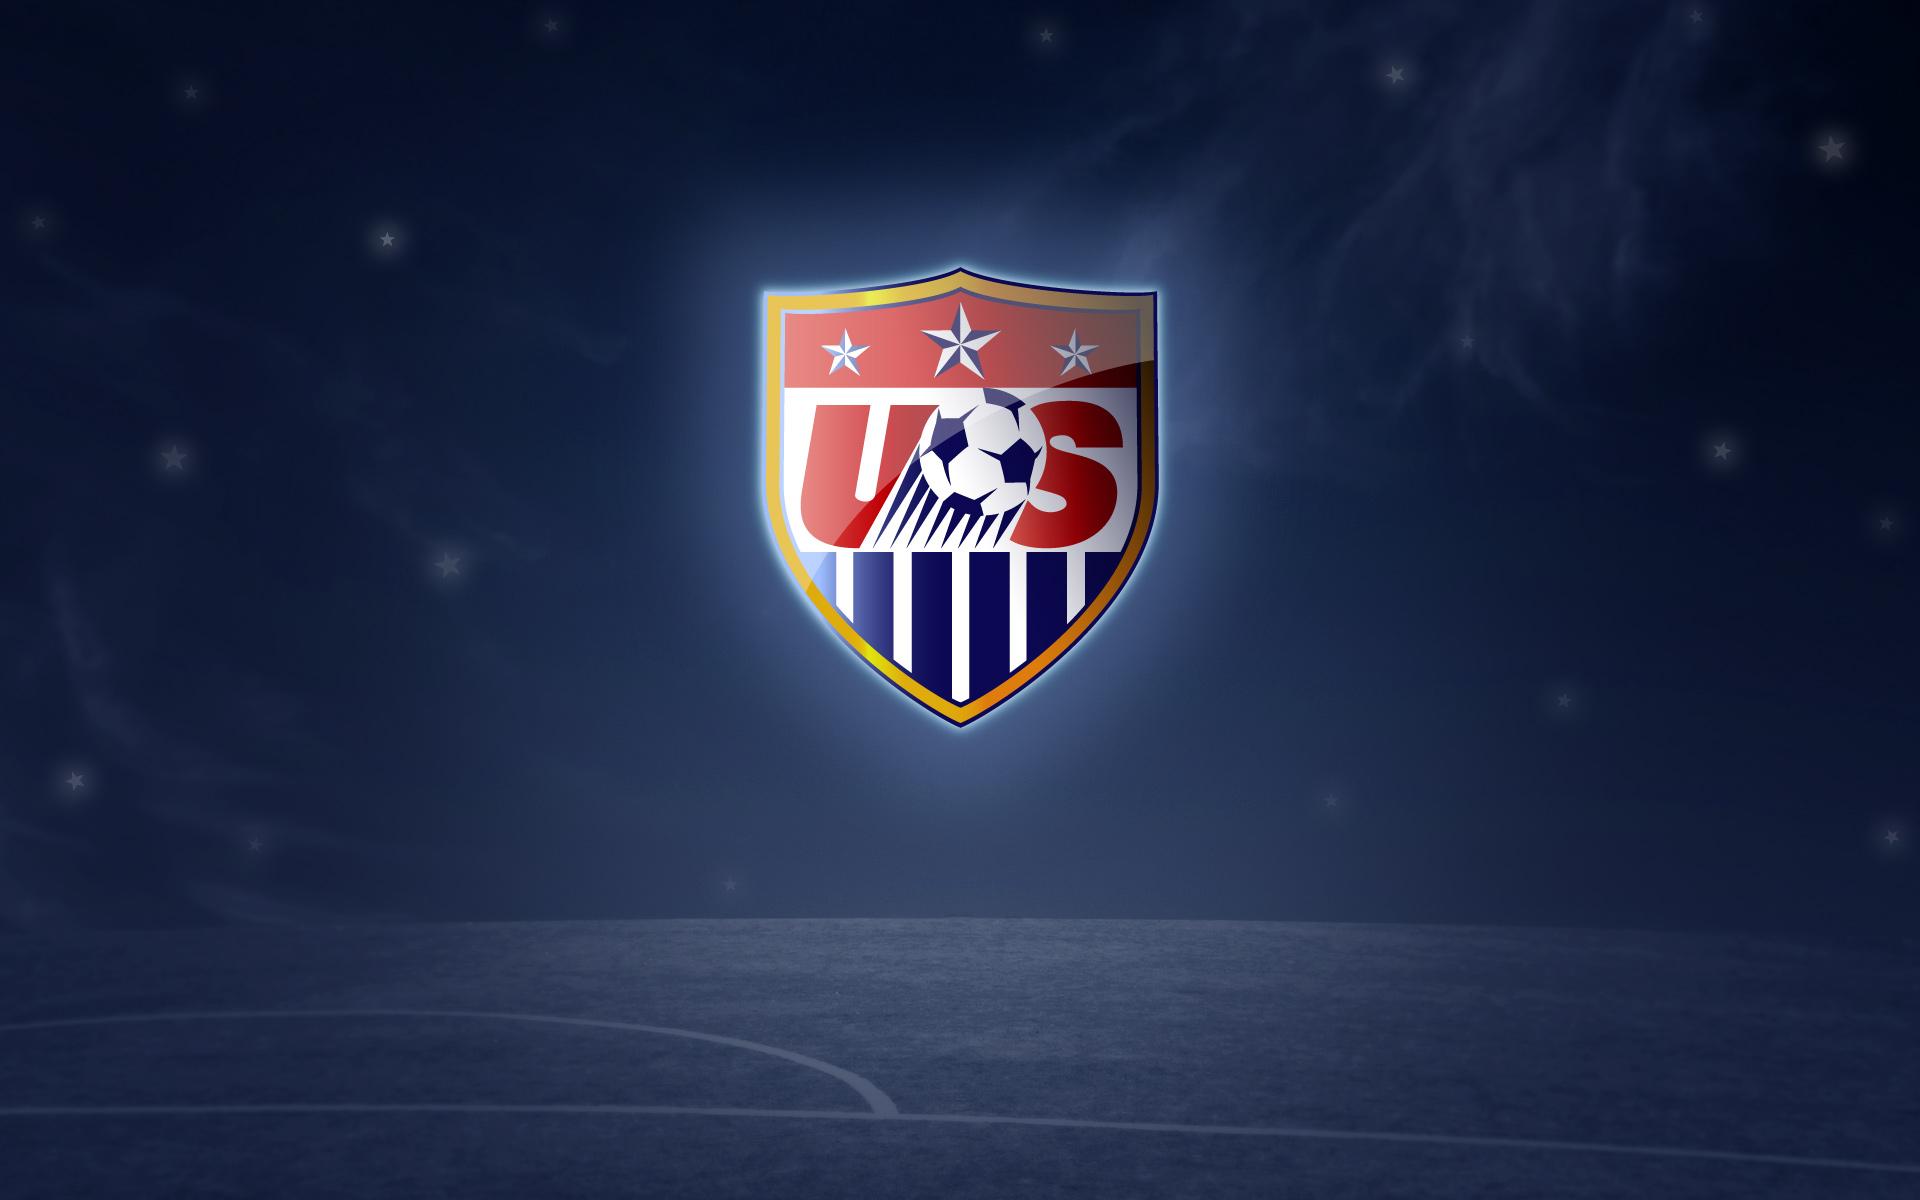 Team USA Desktop Wallpapers World Cup Team USA Desktop Backgrounds 1920x1200